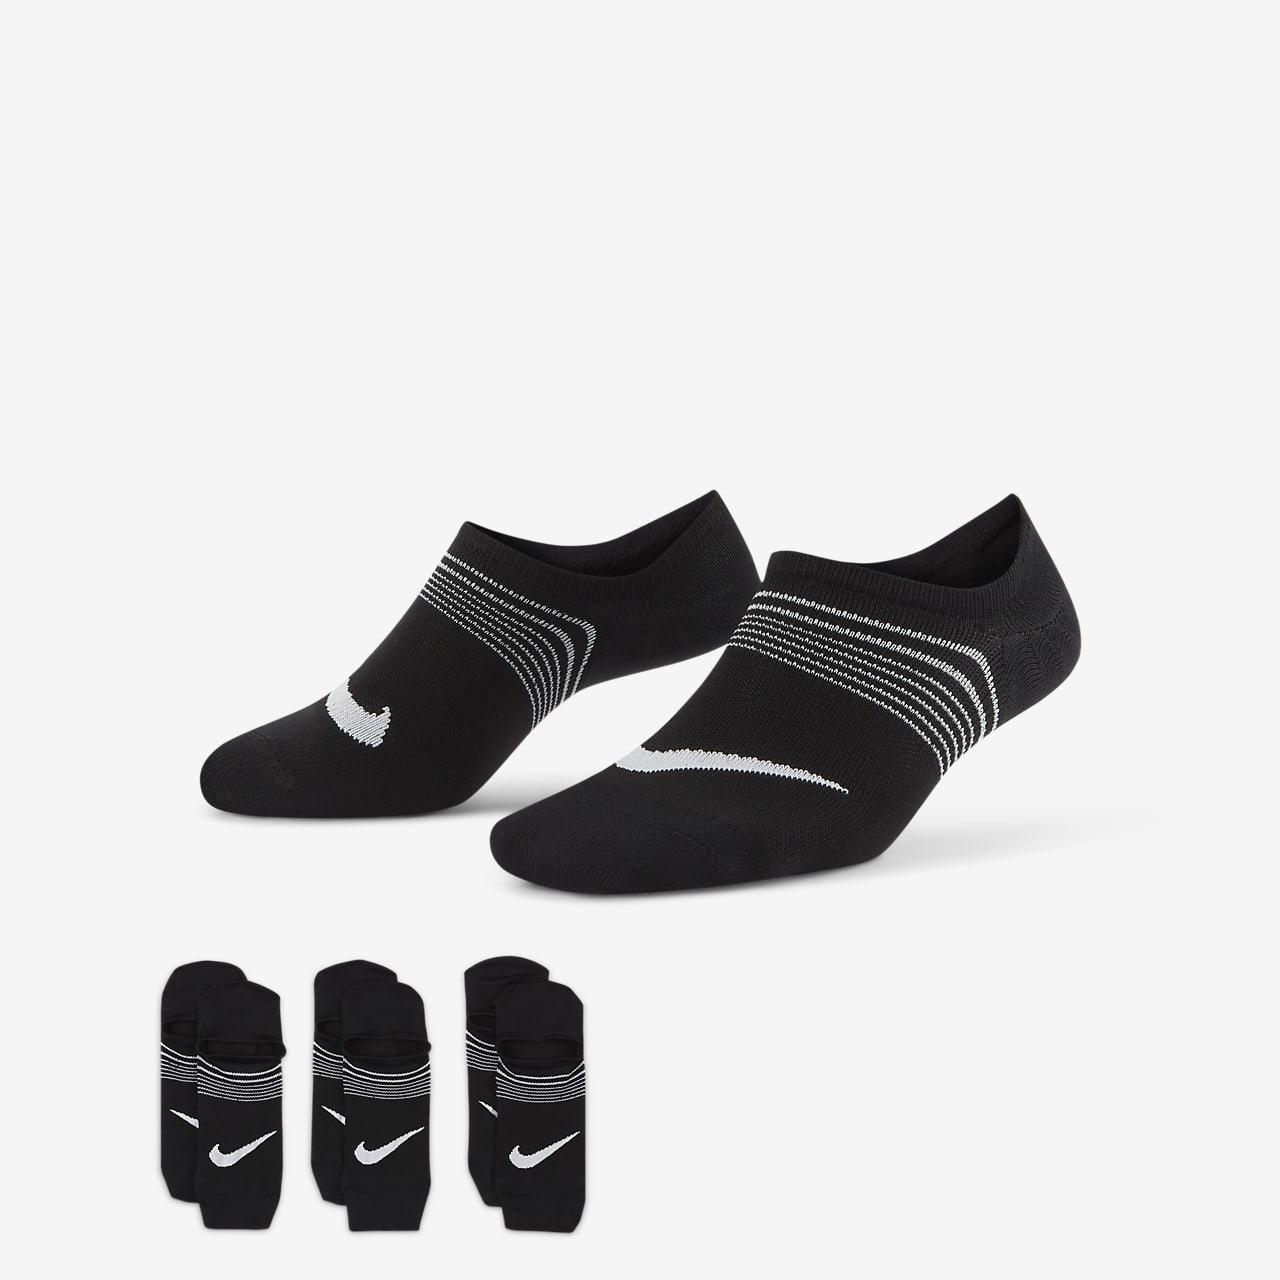 Nike Lightweight Antrenman Çorapları (3 Çift)